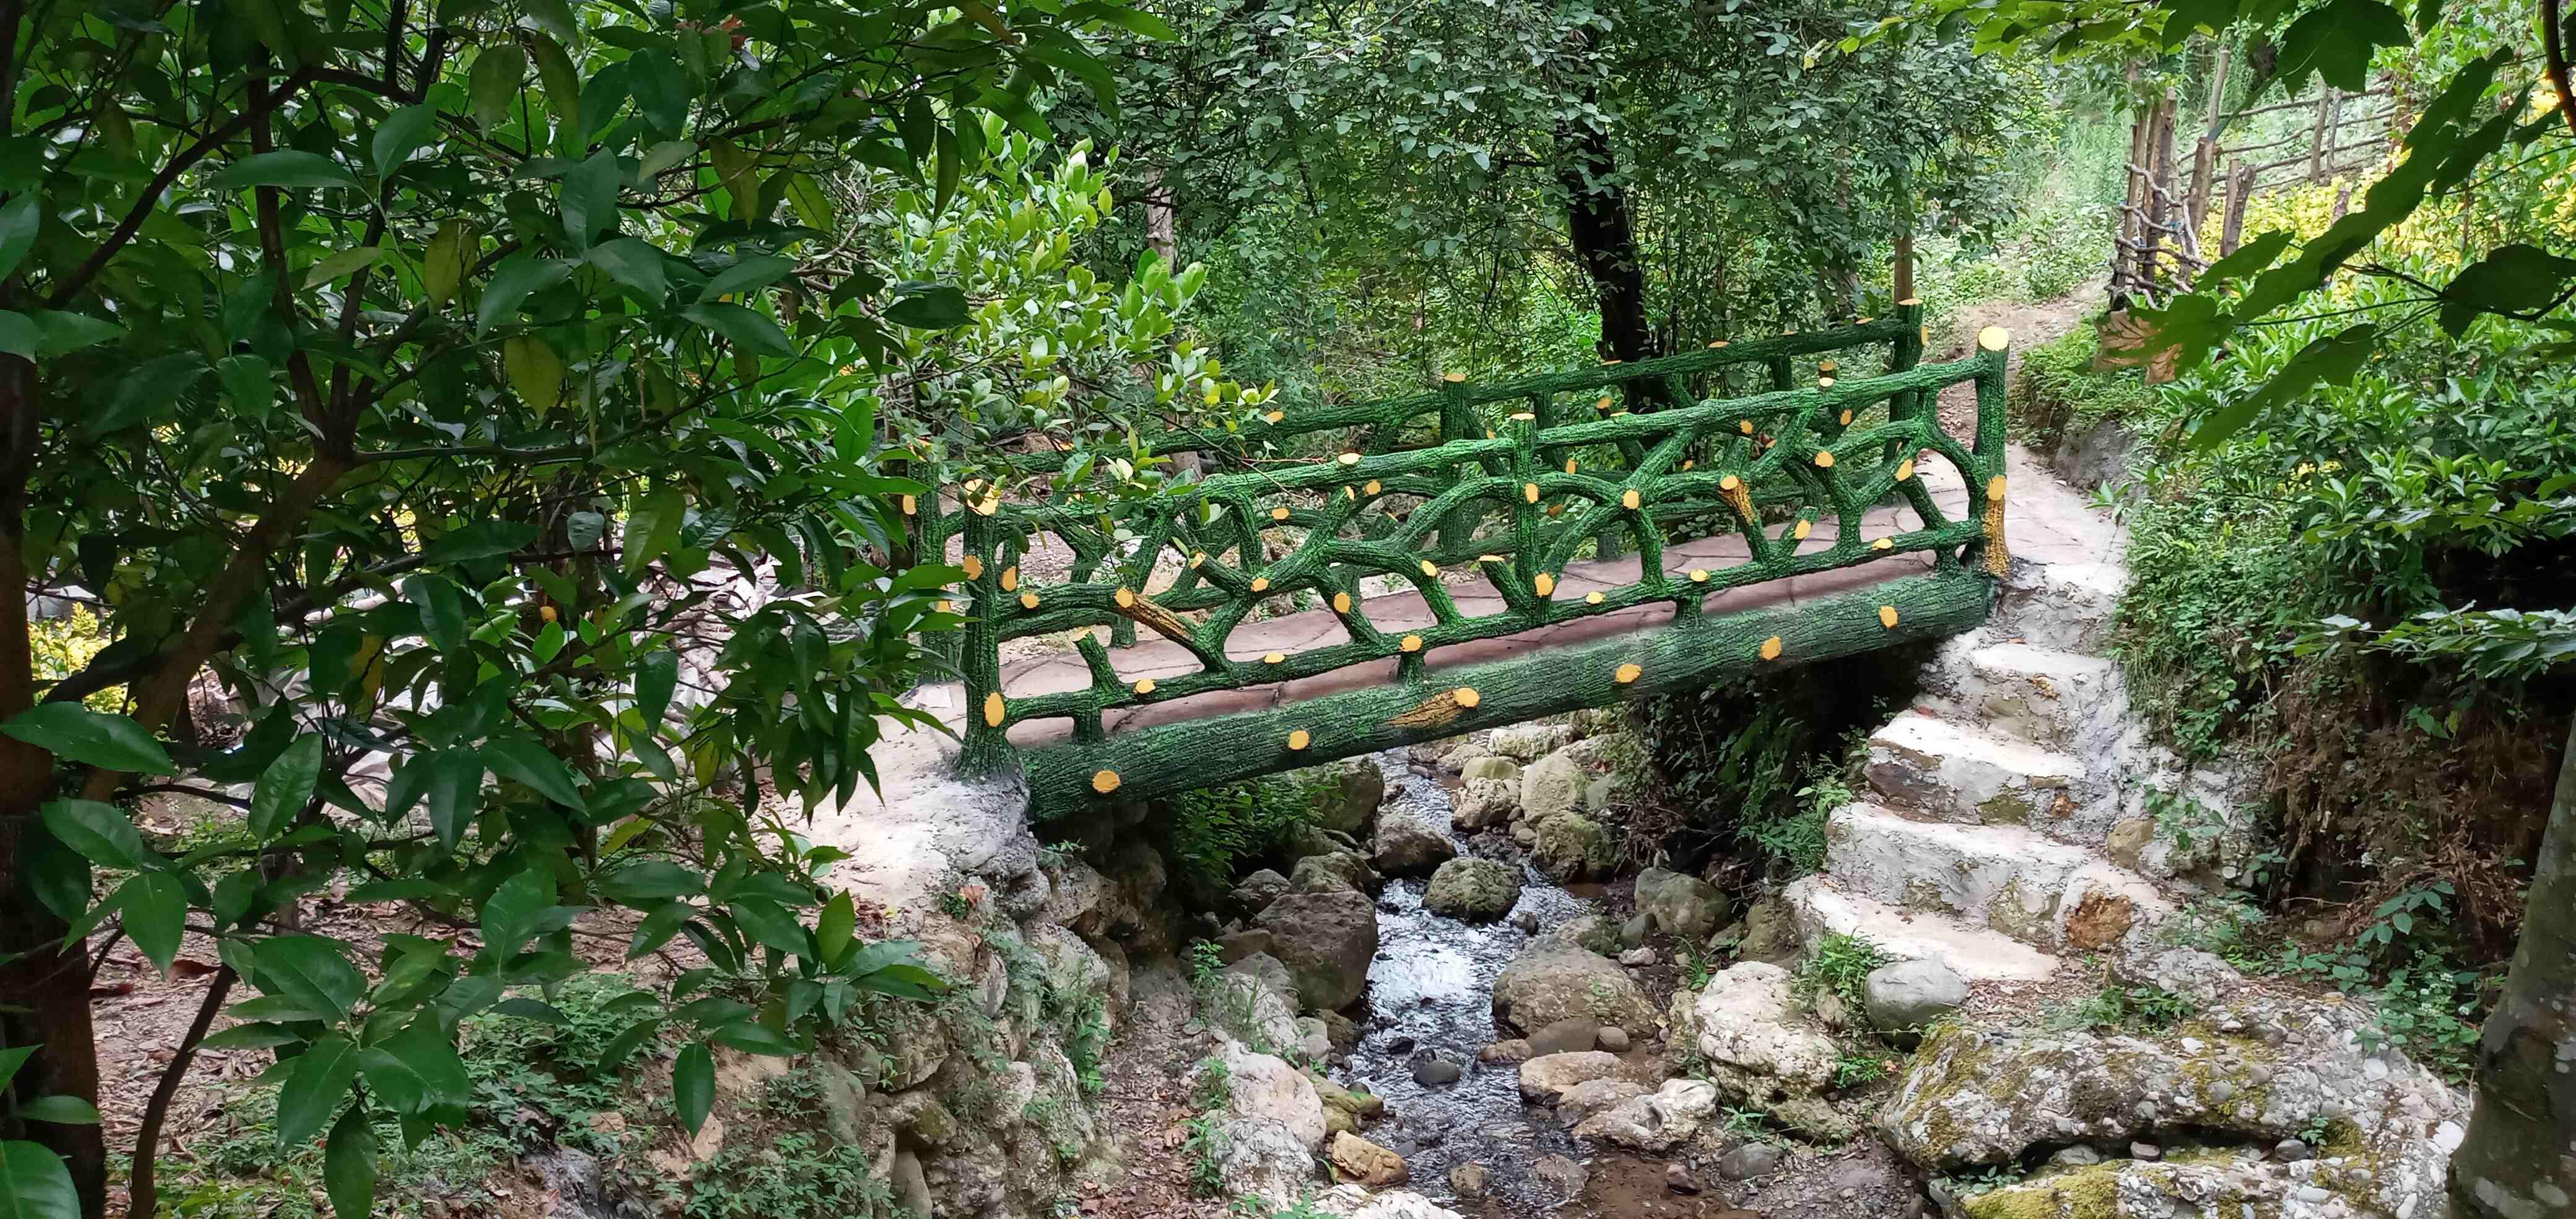 جنگلی منزل ویلایی لب رودخانه رامسر